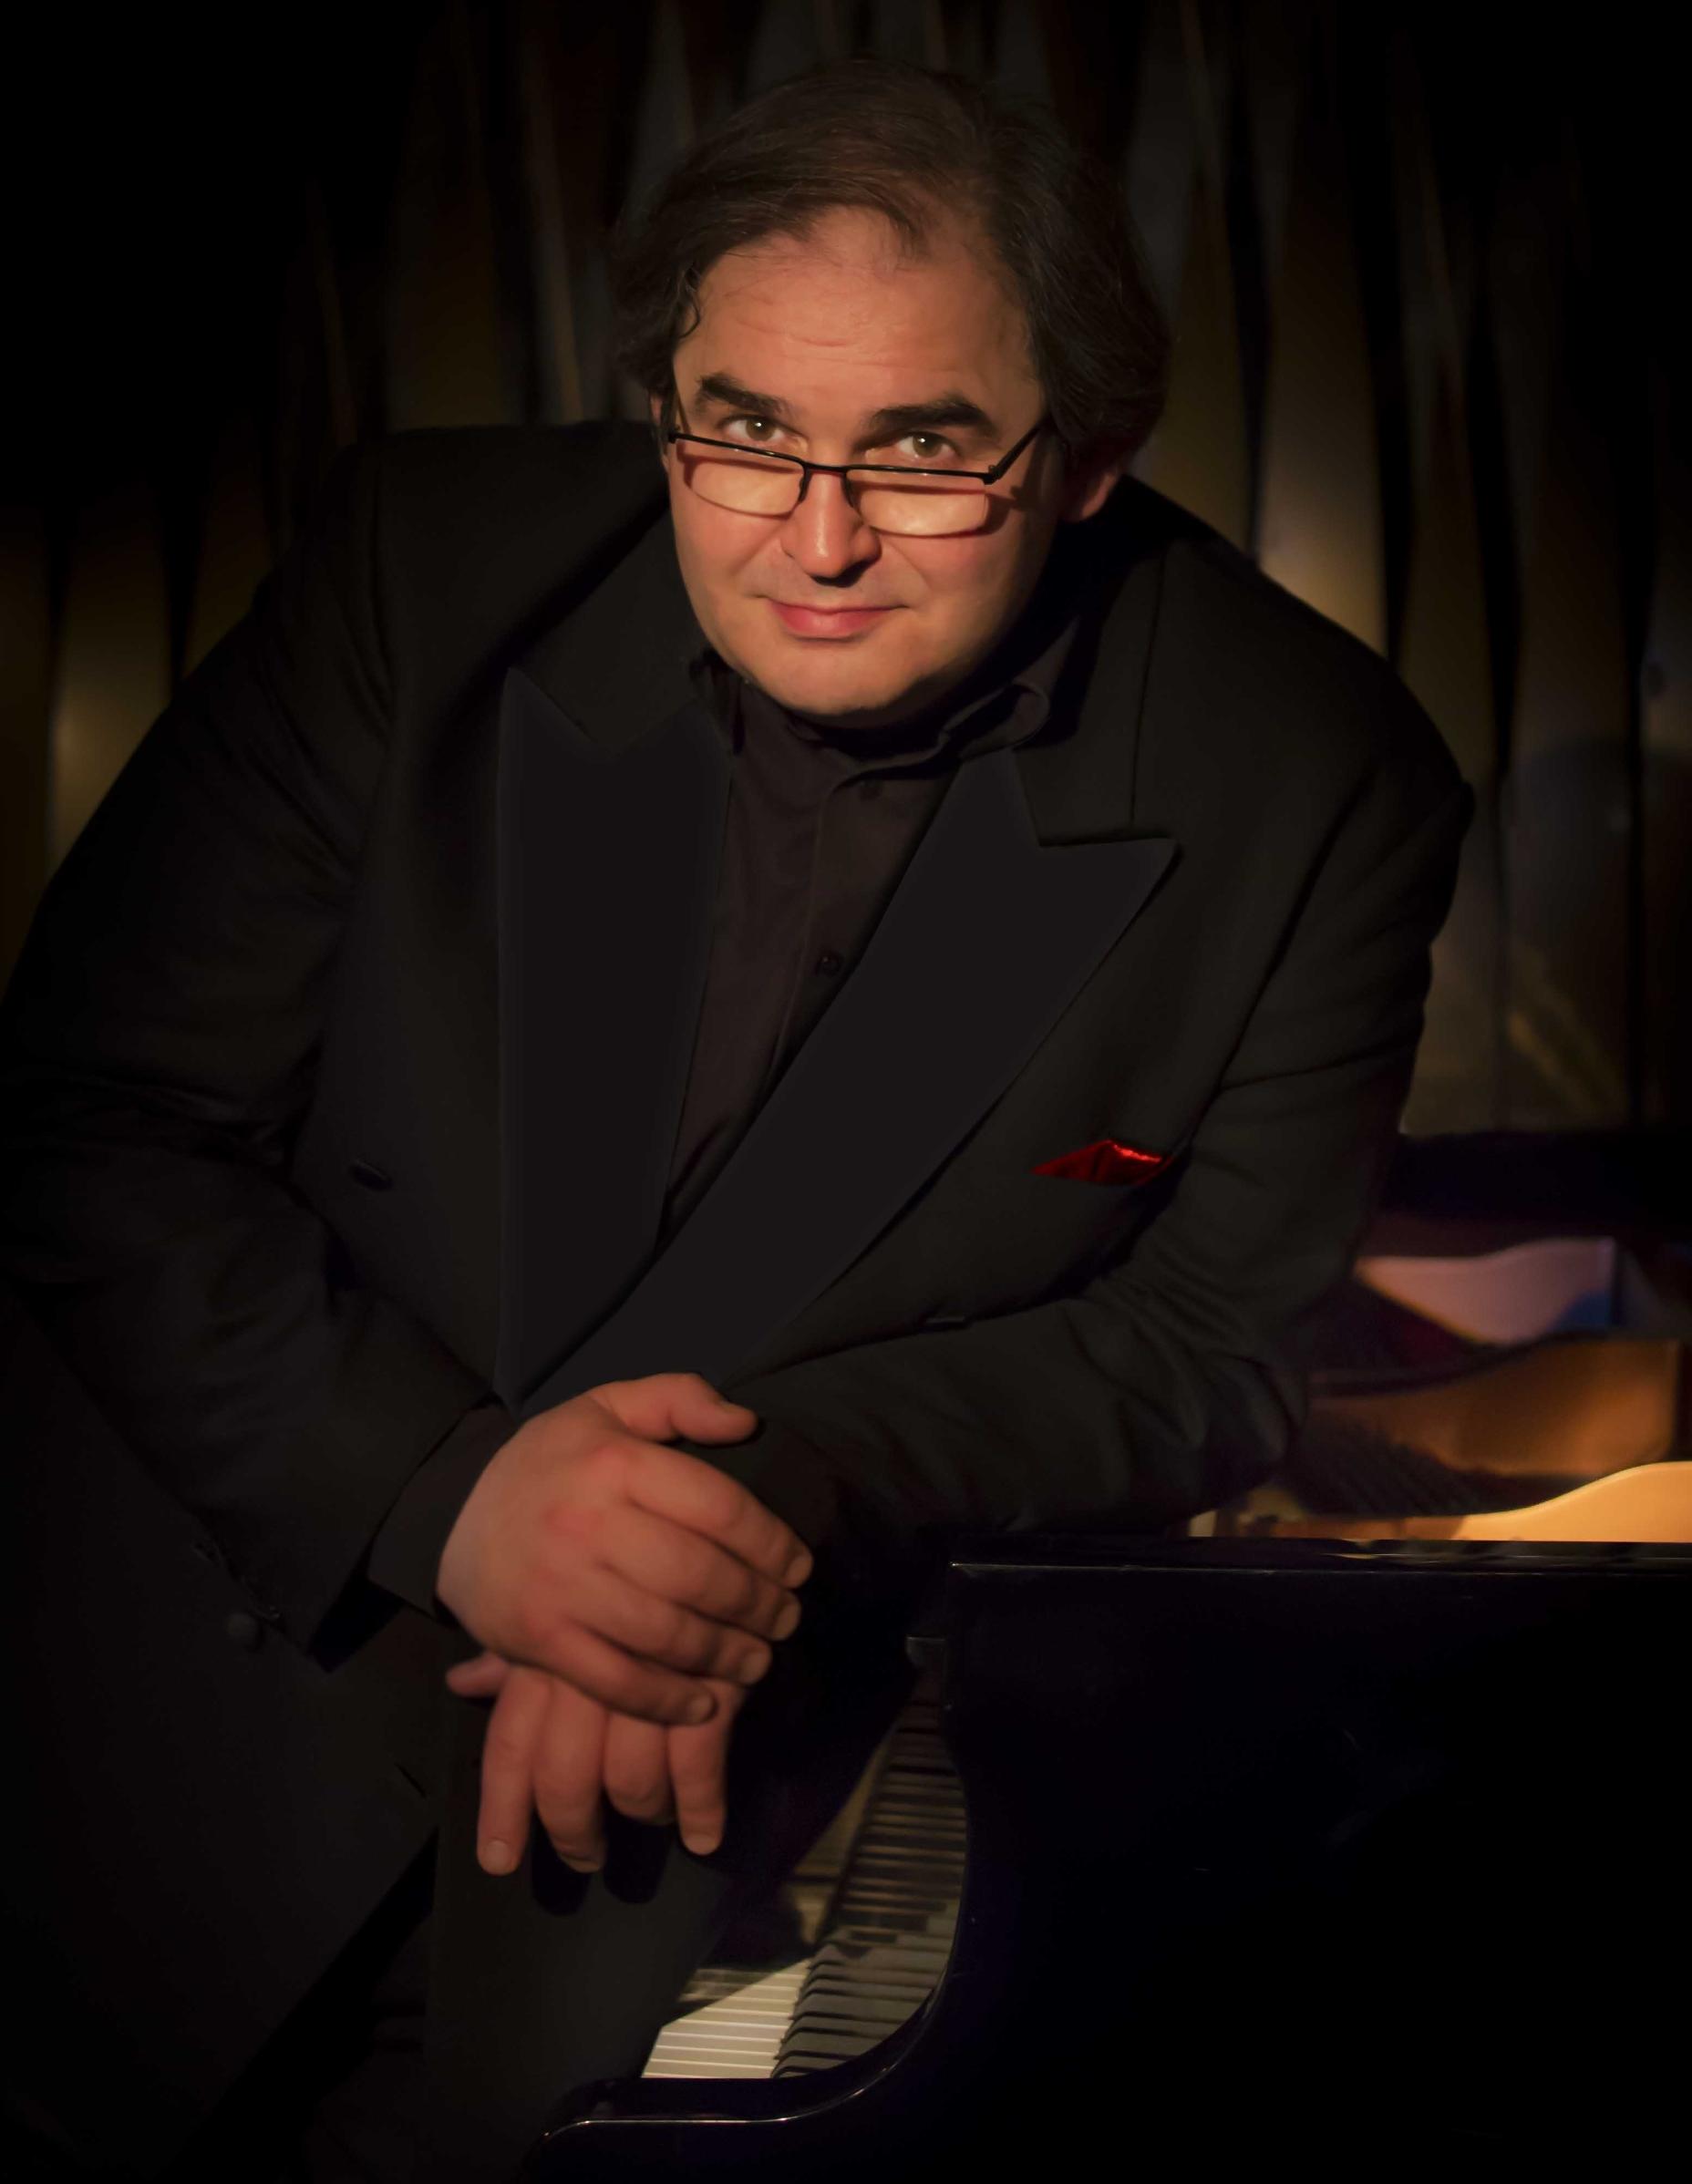 David-Gazarov